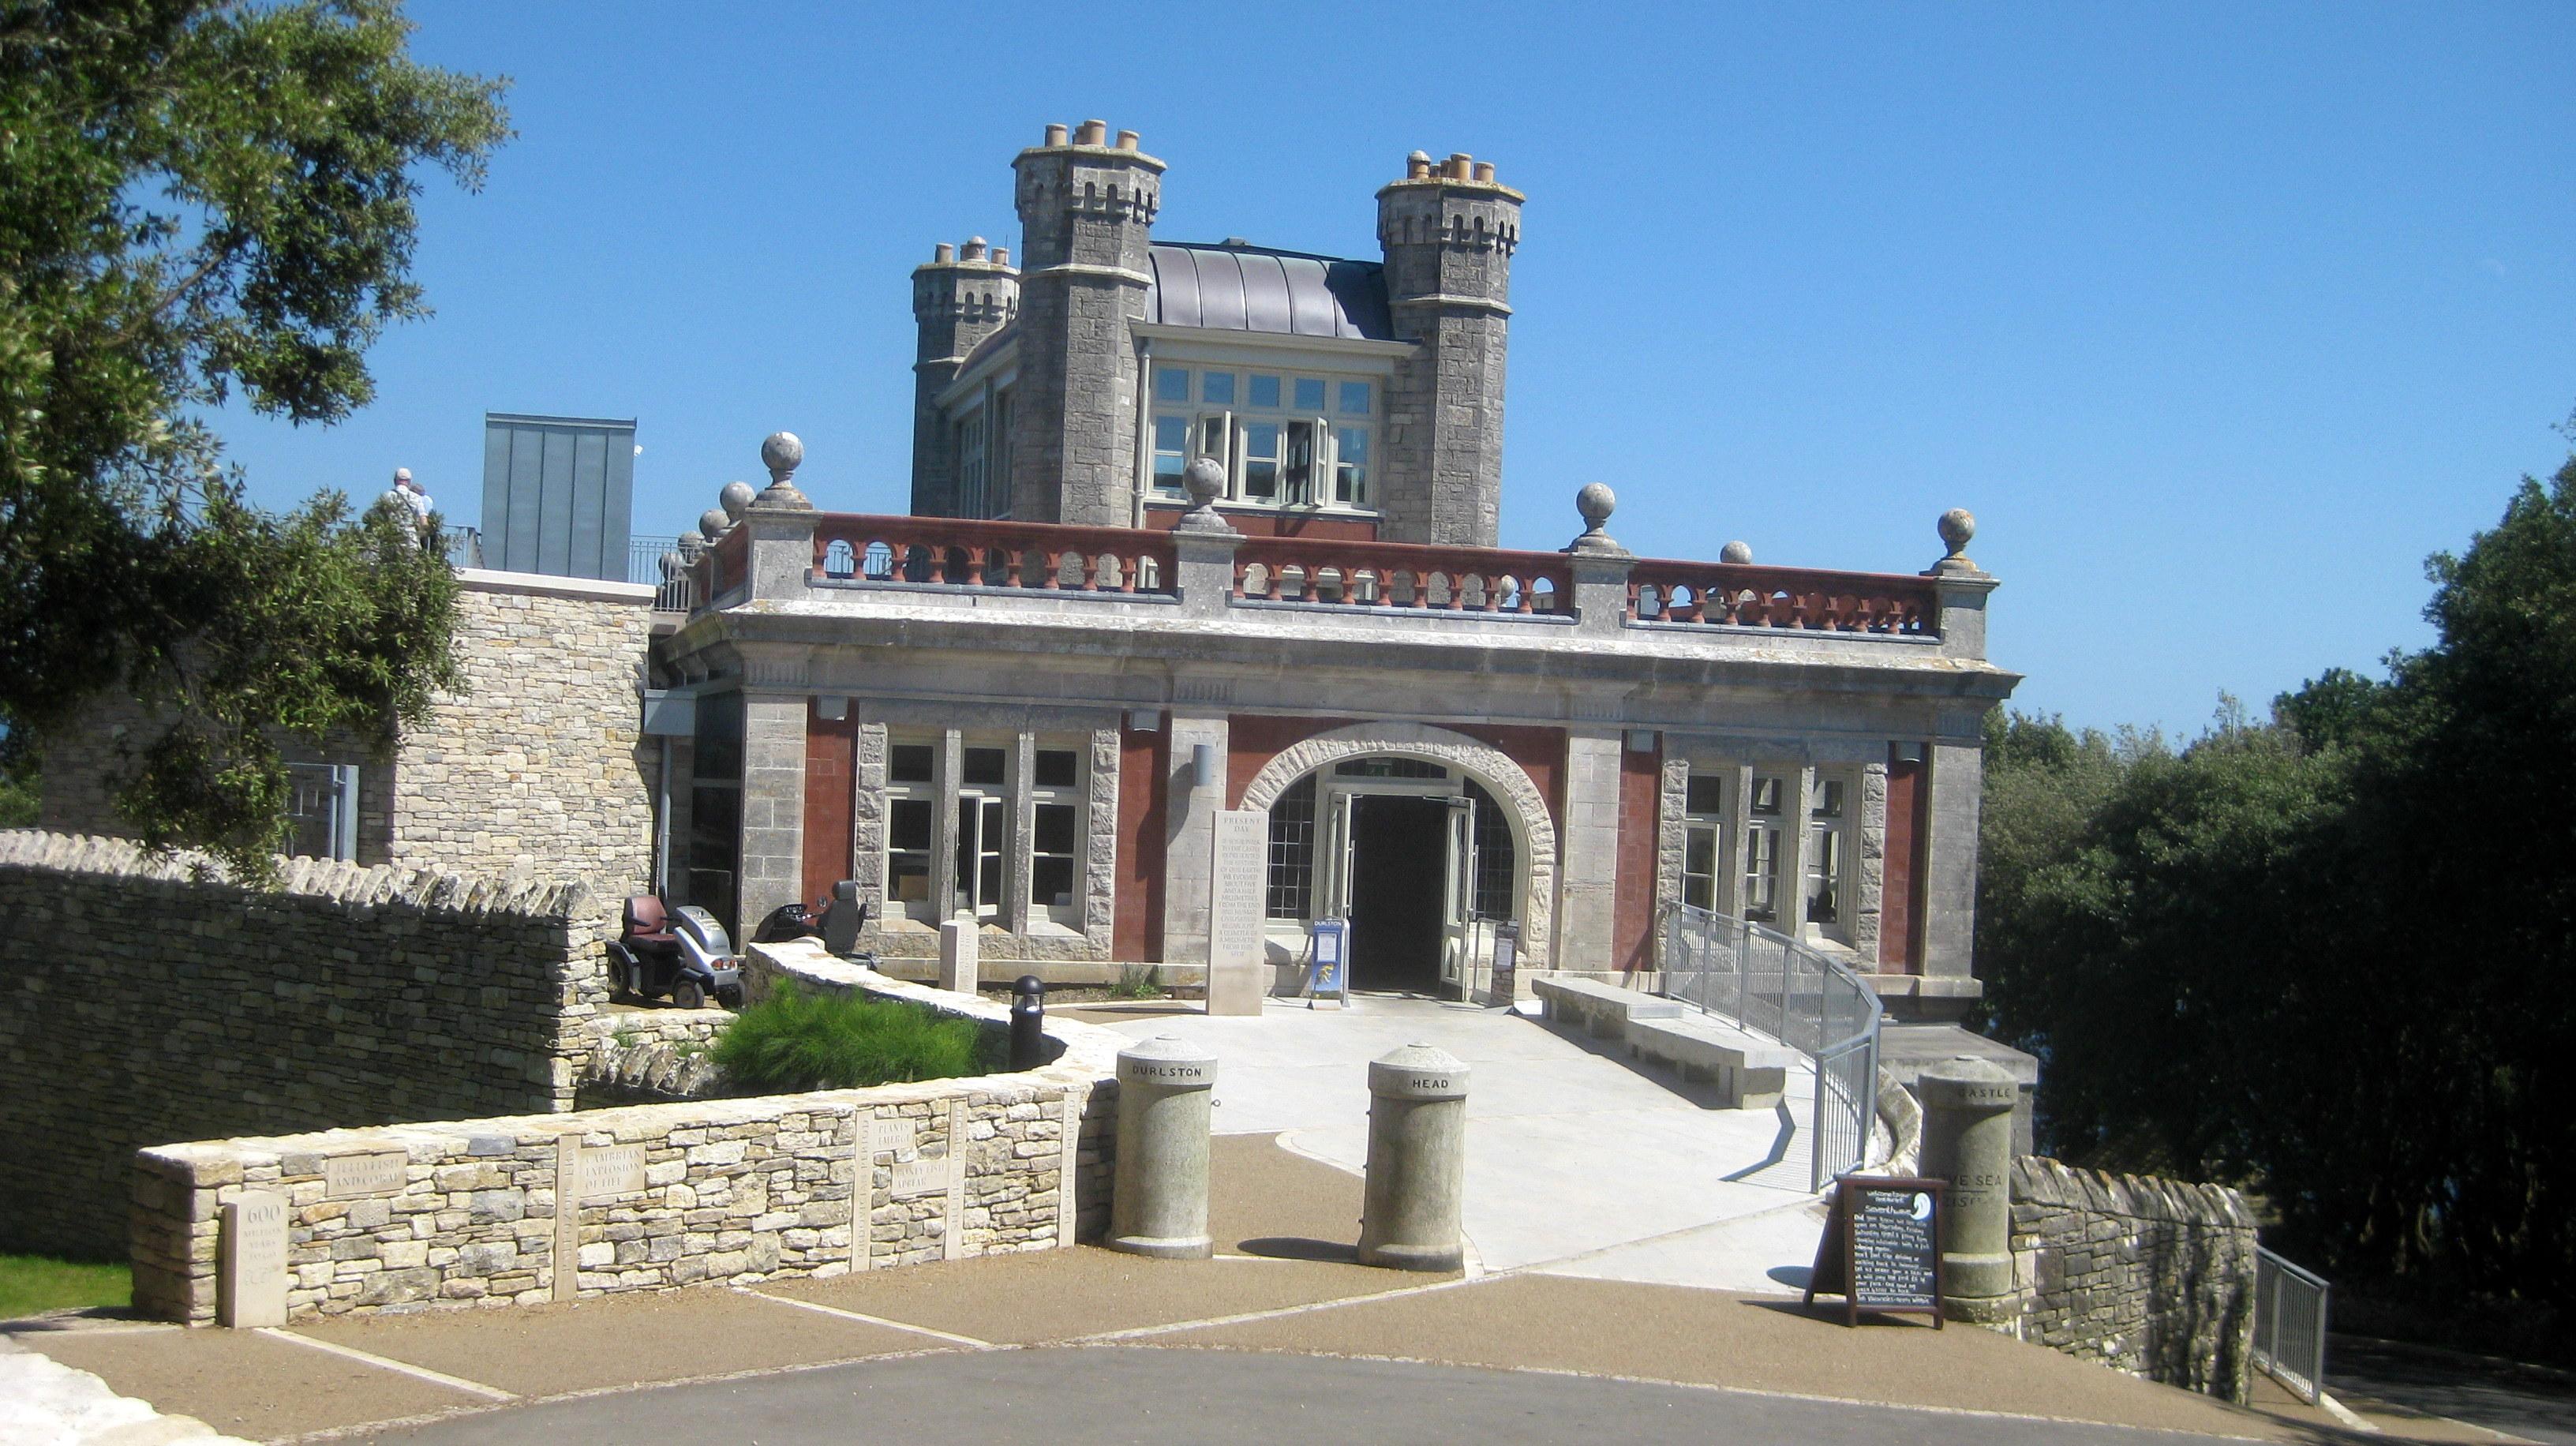 2012-07-25_Durston_Castle_main_entrance